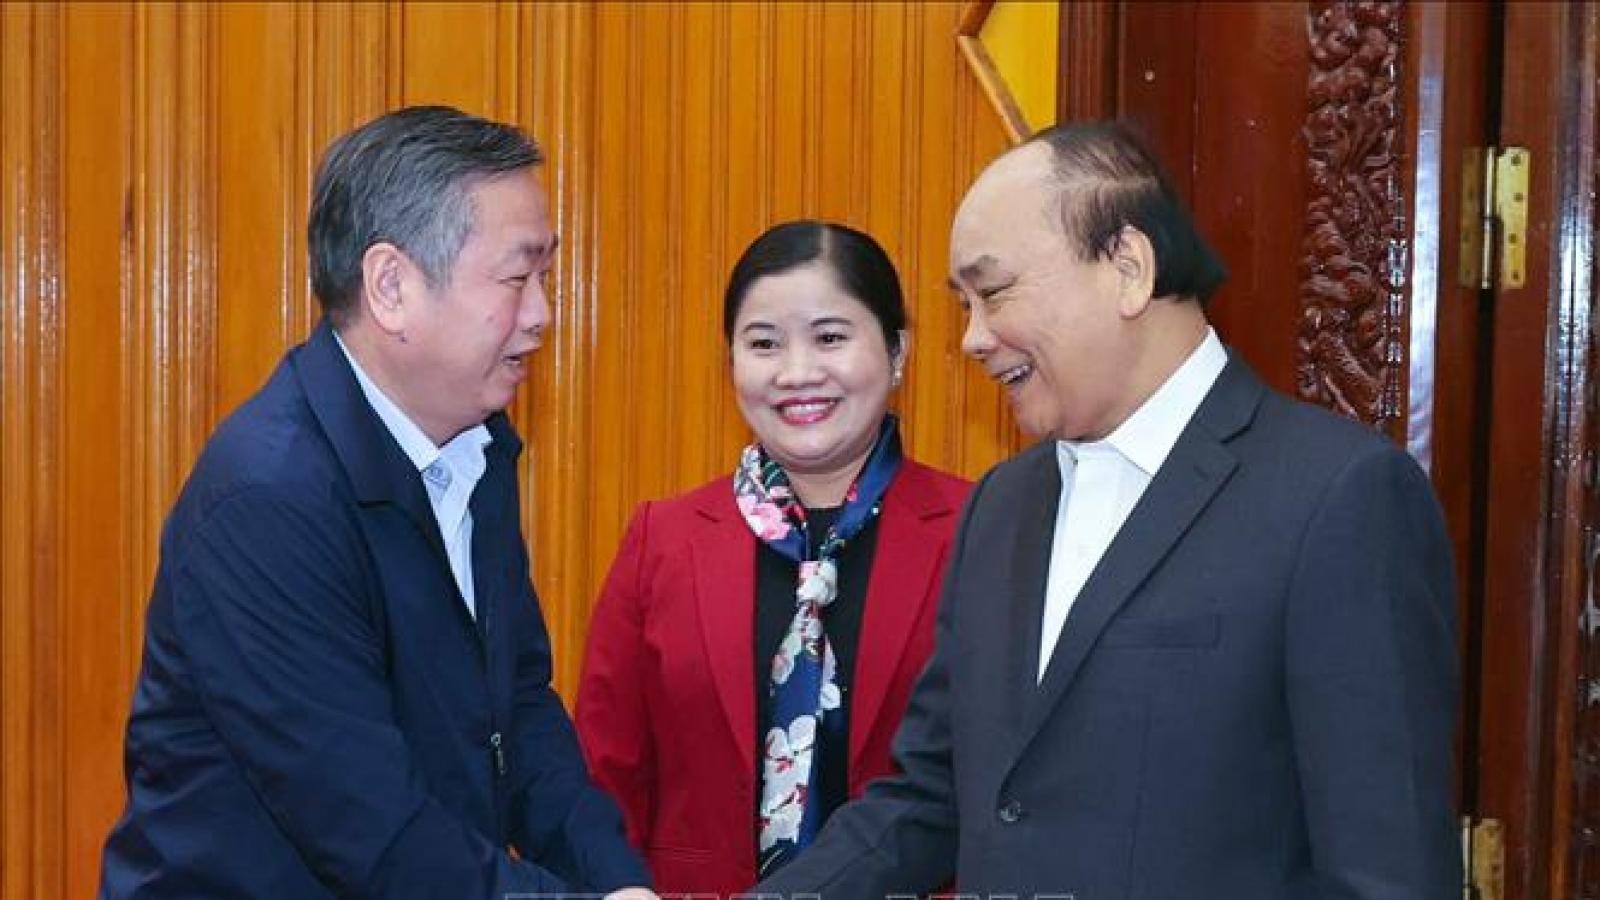 Thủ tướng làm việc với lãnh đạo chủ chốt tỉnh Bình Phước